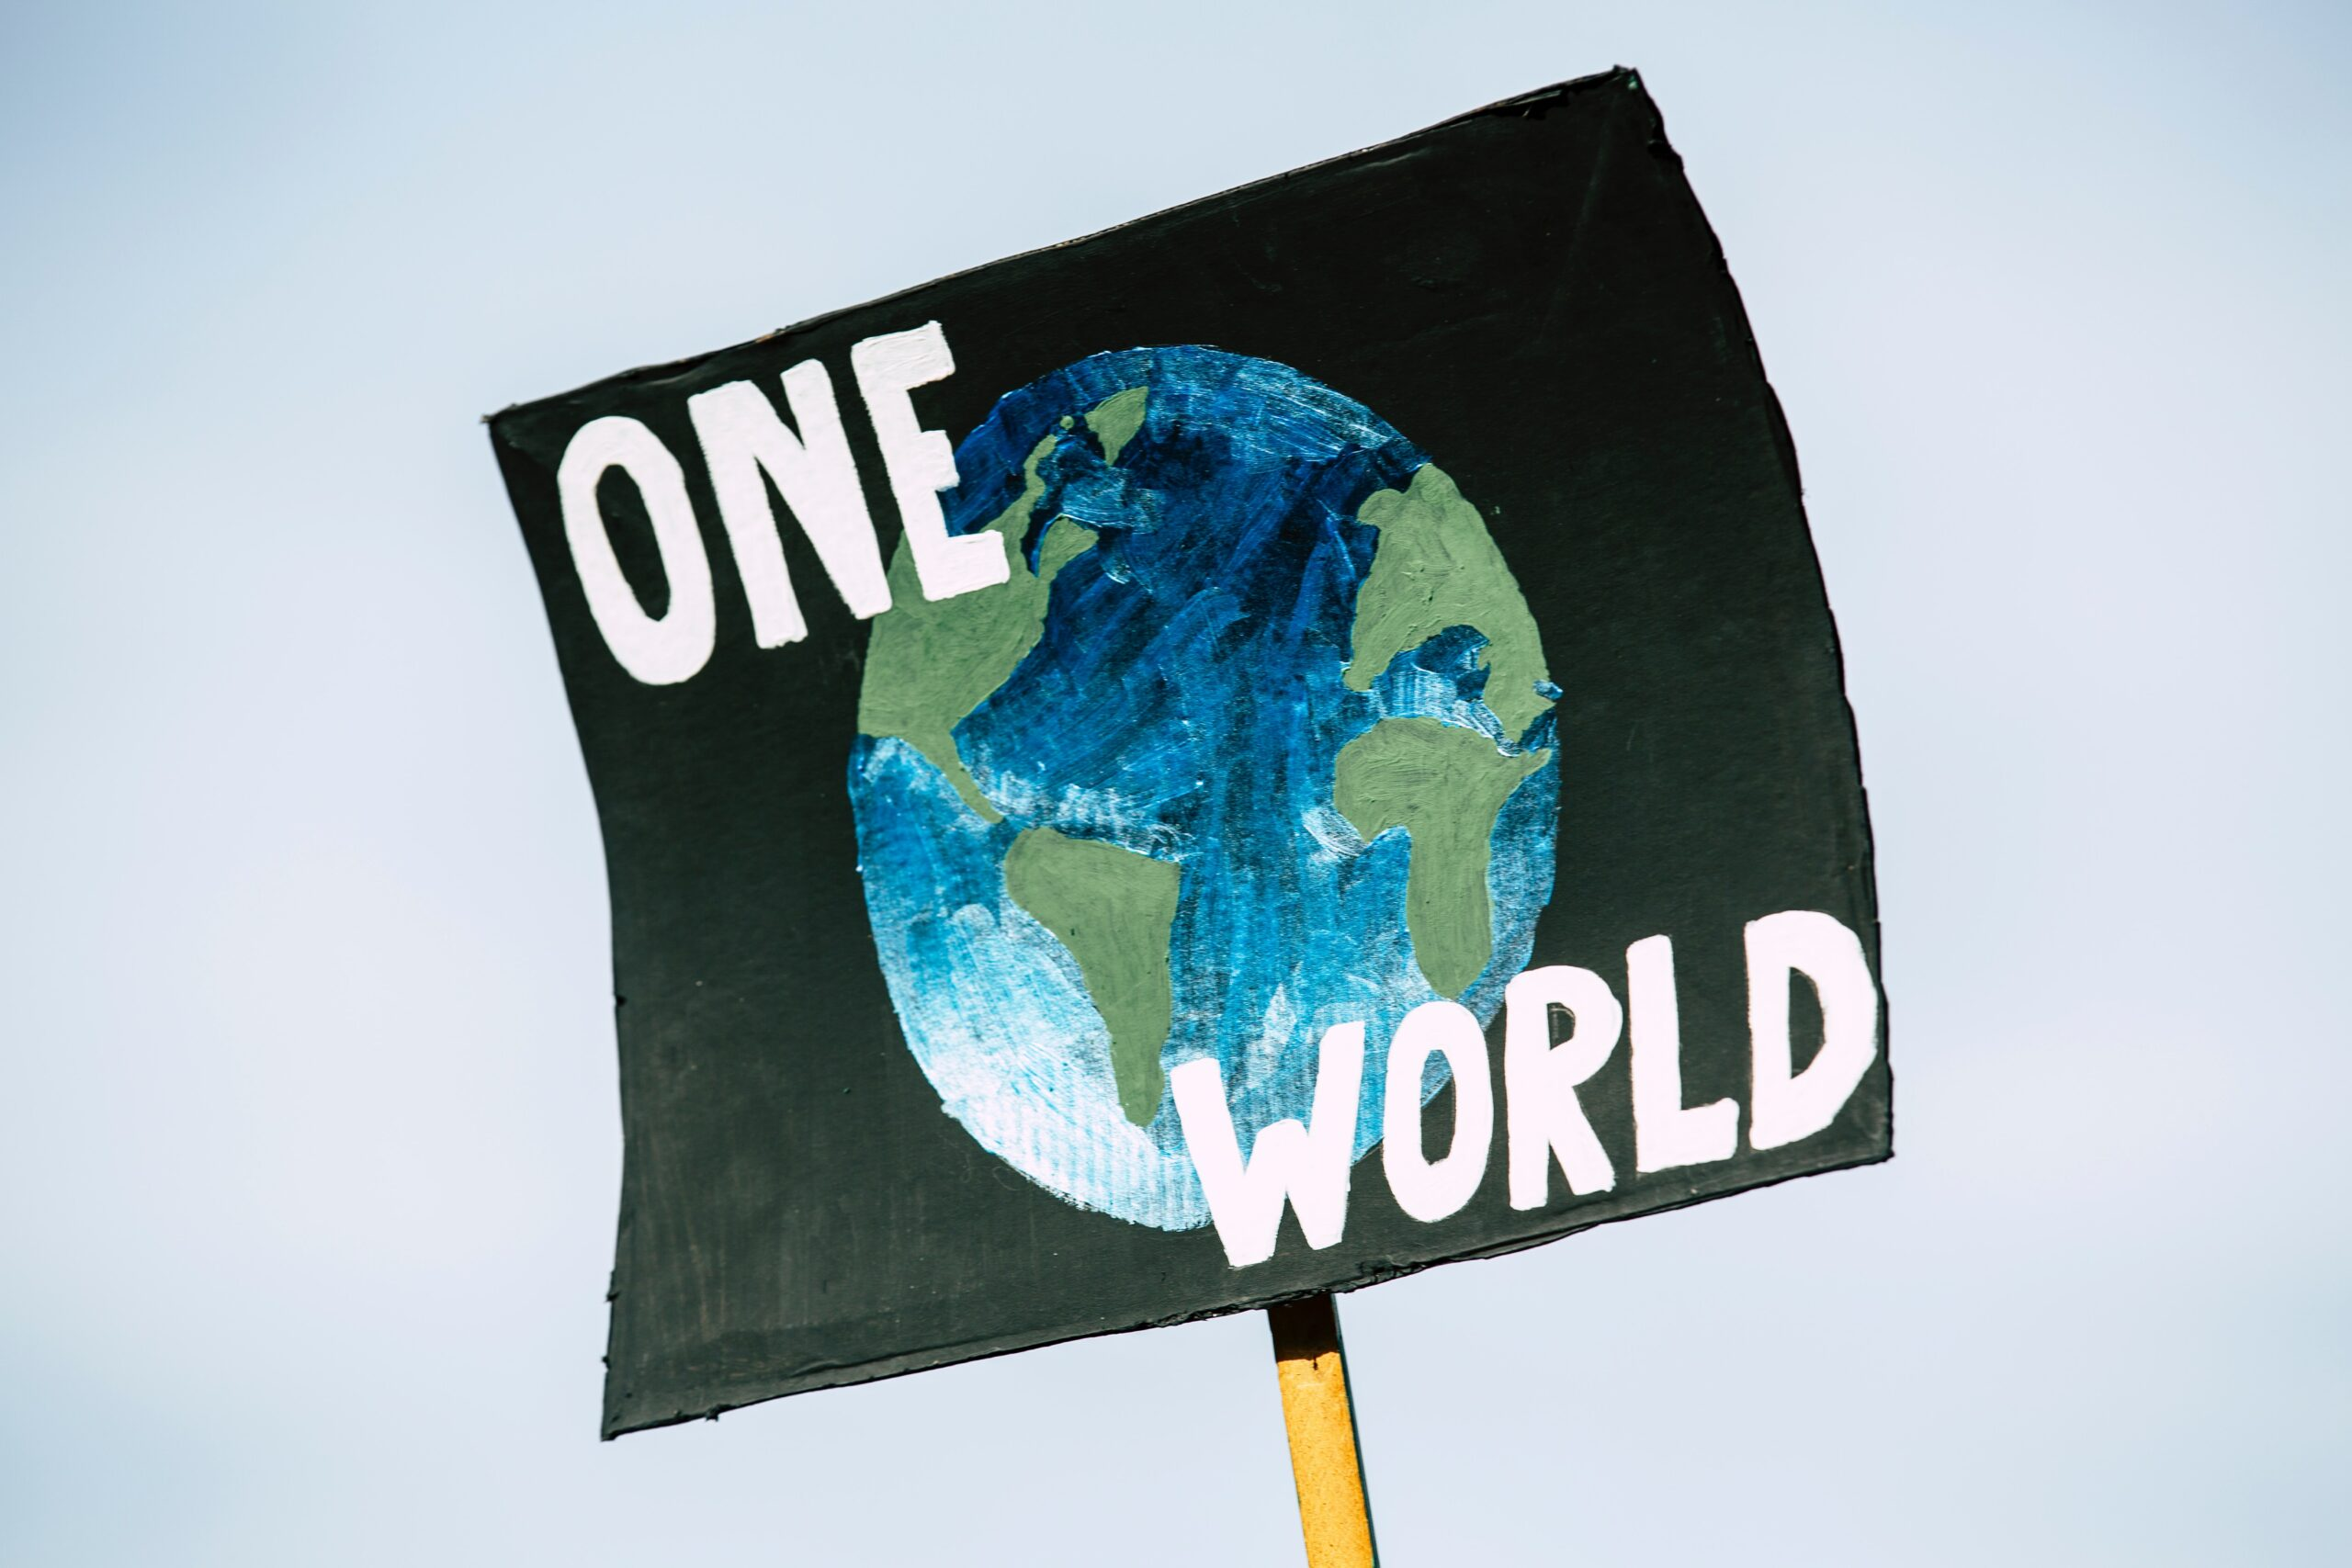 In seinem jüngsten Sachstandsbericht hat der Weltklimarat IPCC die Unaufschiebbarkeit von globalen Klimaschutzmaßnahmen konkretisiert. Immer mehr führende Wirtschaftsnationen haben angekündigt, ihre Klimaziele zu verschärfen. Experten erwarten daher, dass die Nachfrage nach klimafreundlichen Produkten steigt. Davon können deutsche Hersteller profitieren.